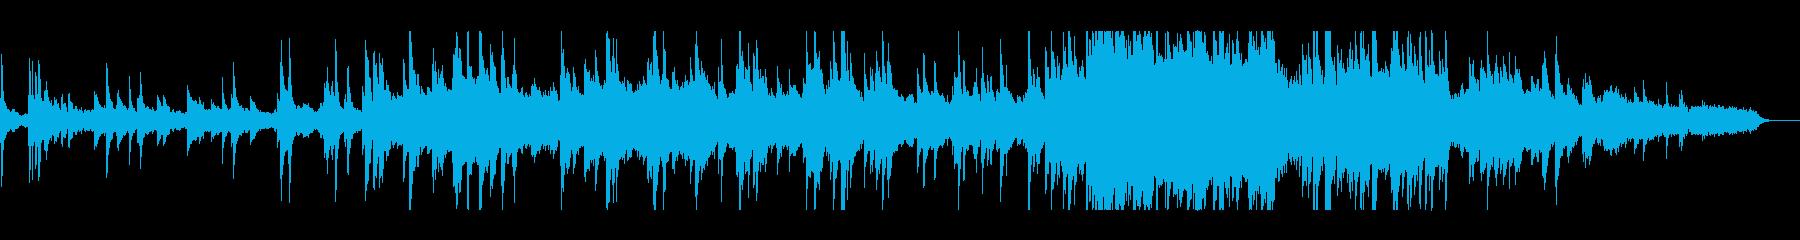 こみ上げる想い~温かく切ないピアノ弦楽曲の再生済みの波形